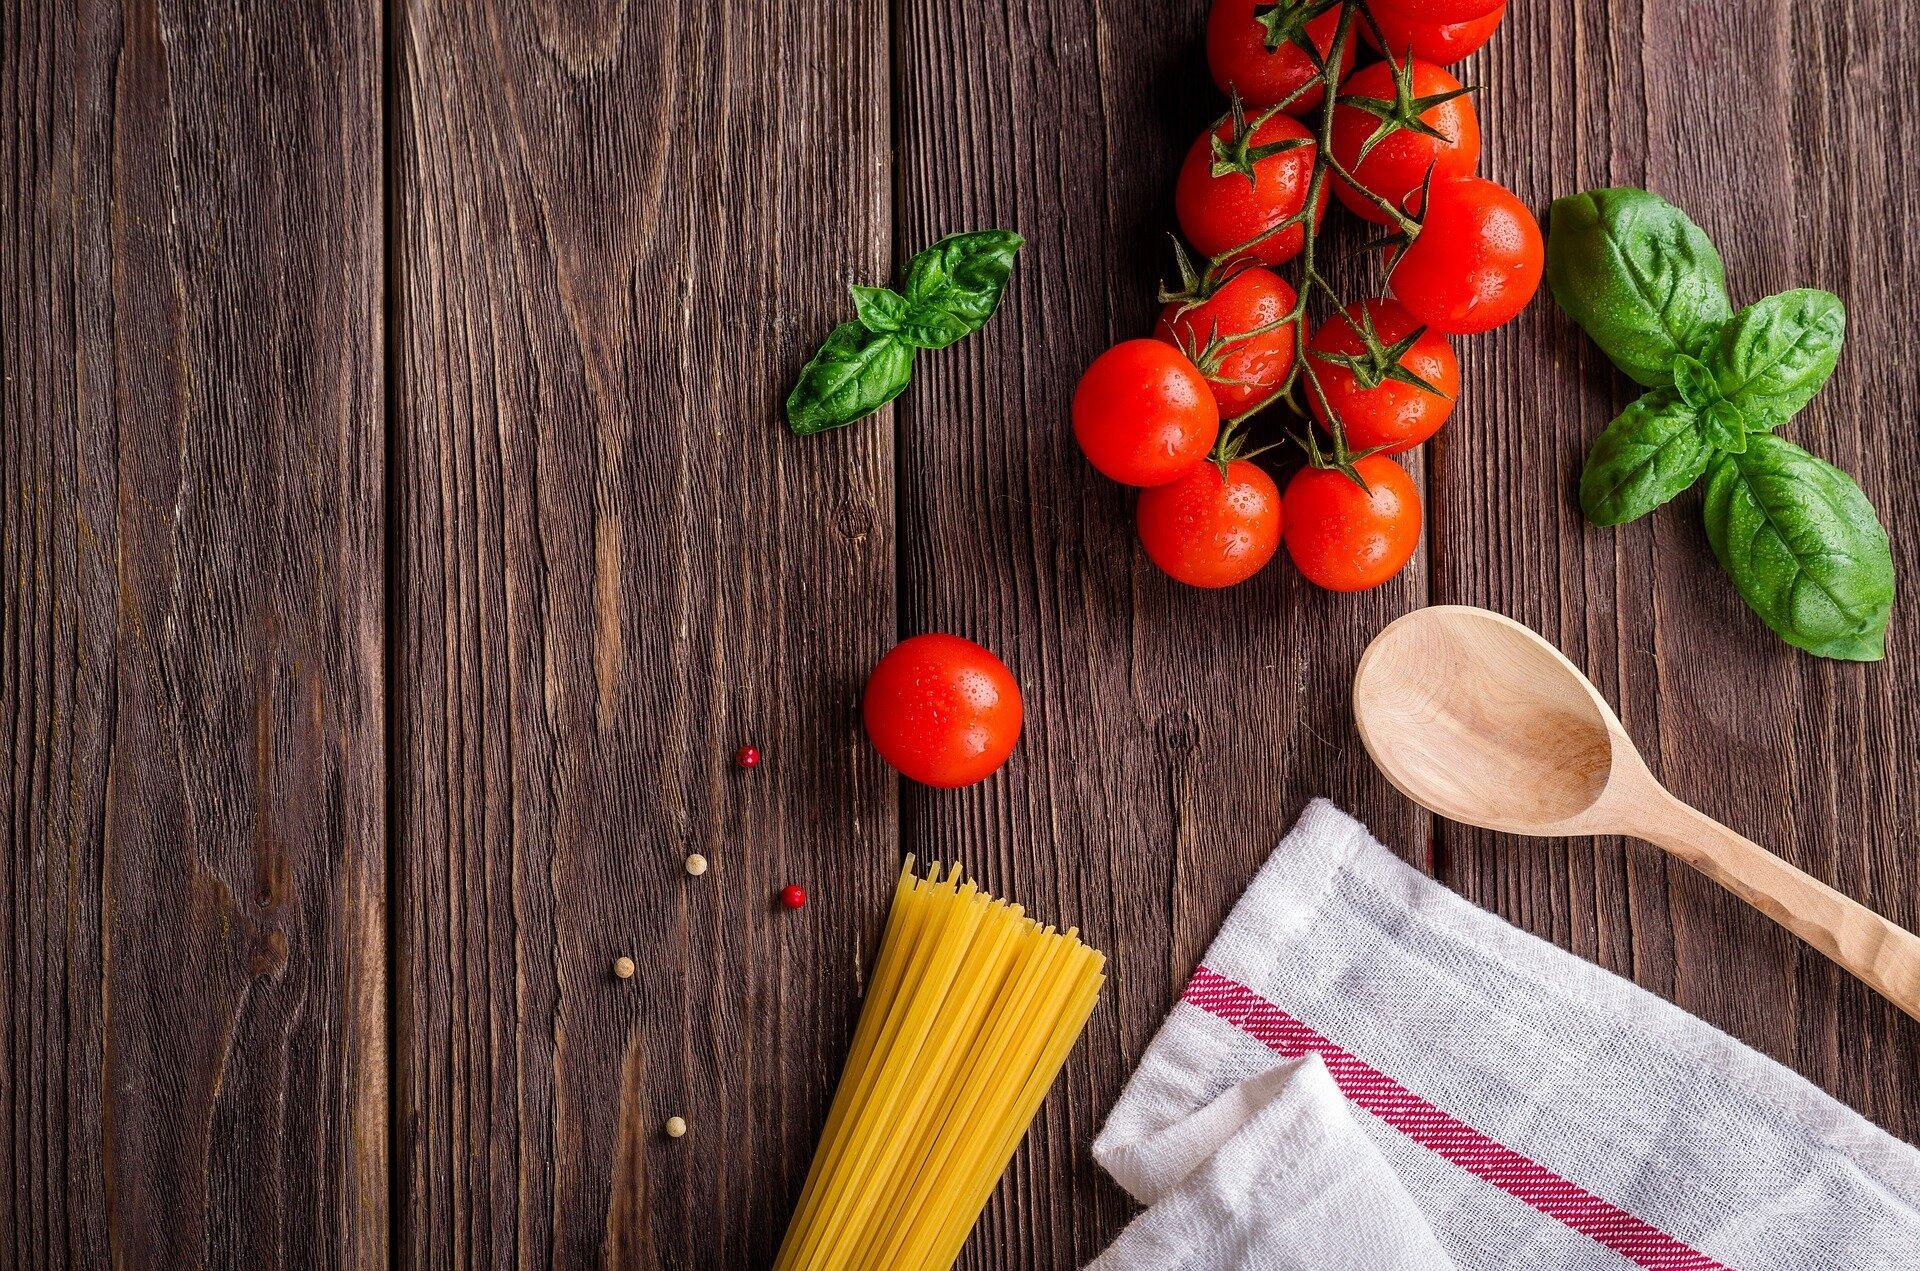 Studie schlägt vor, dass Chilenischen Essen Vorschriften ändern sich Lebensmittel Wahrnehmungen, Normen, Verhaltensweisen